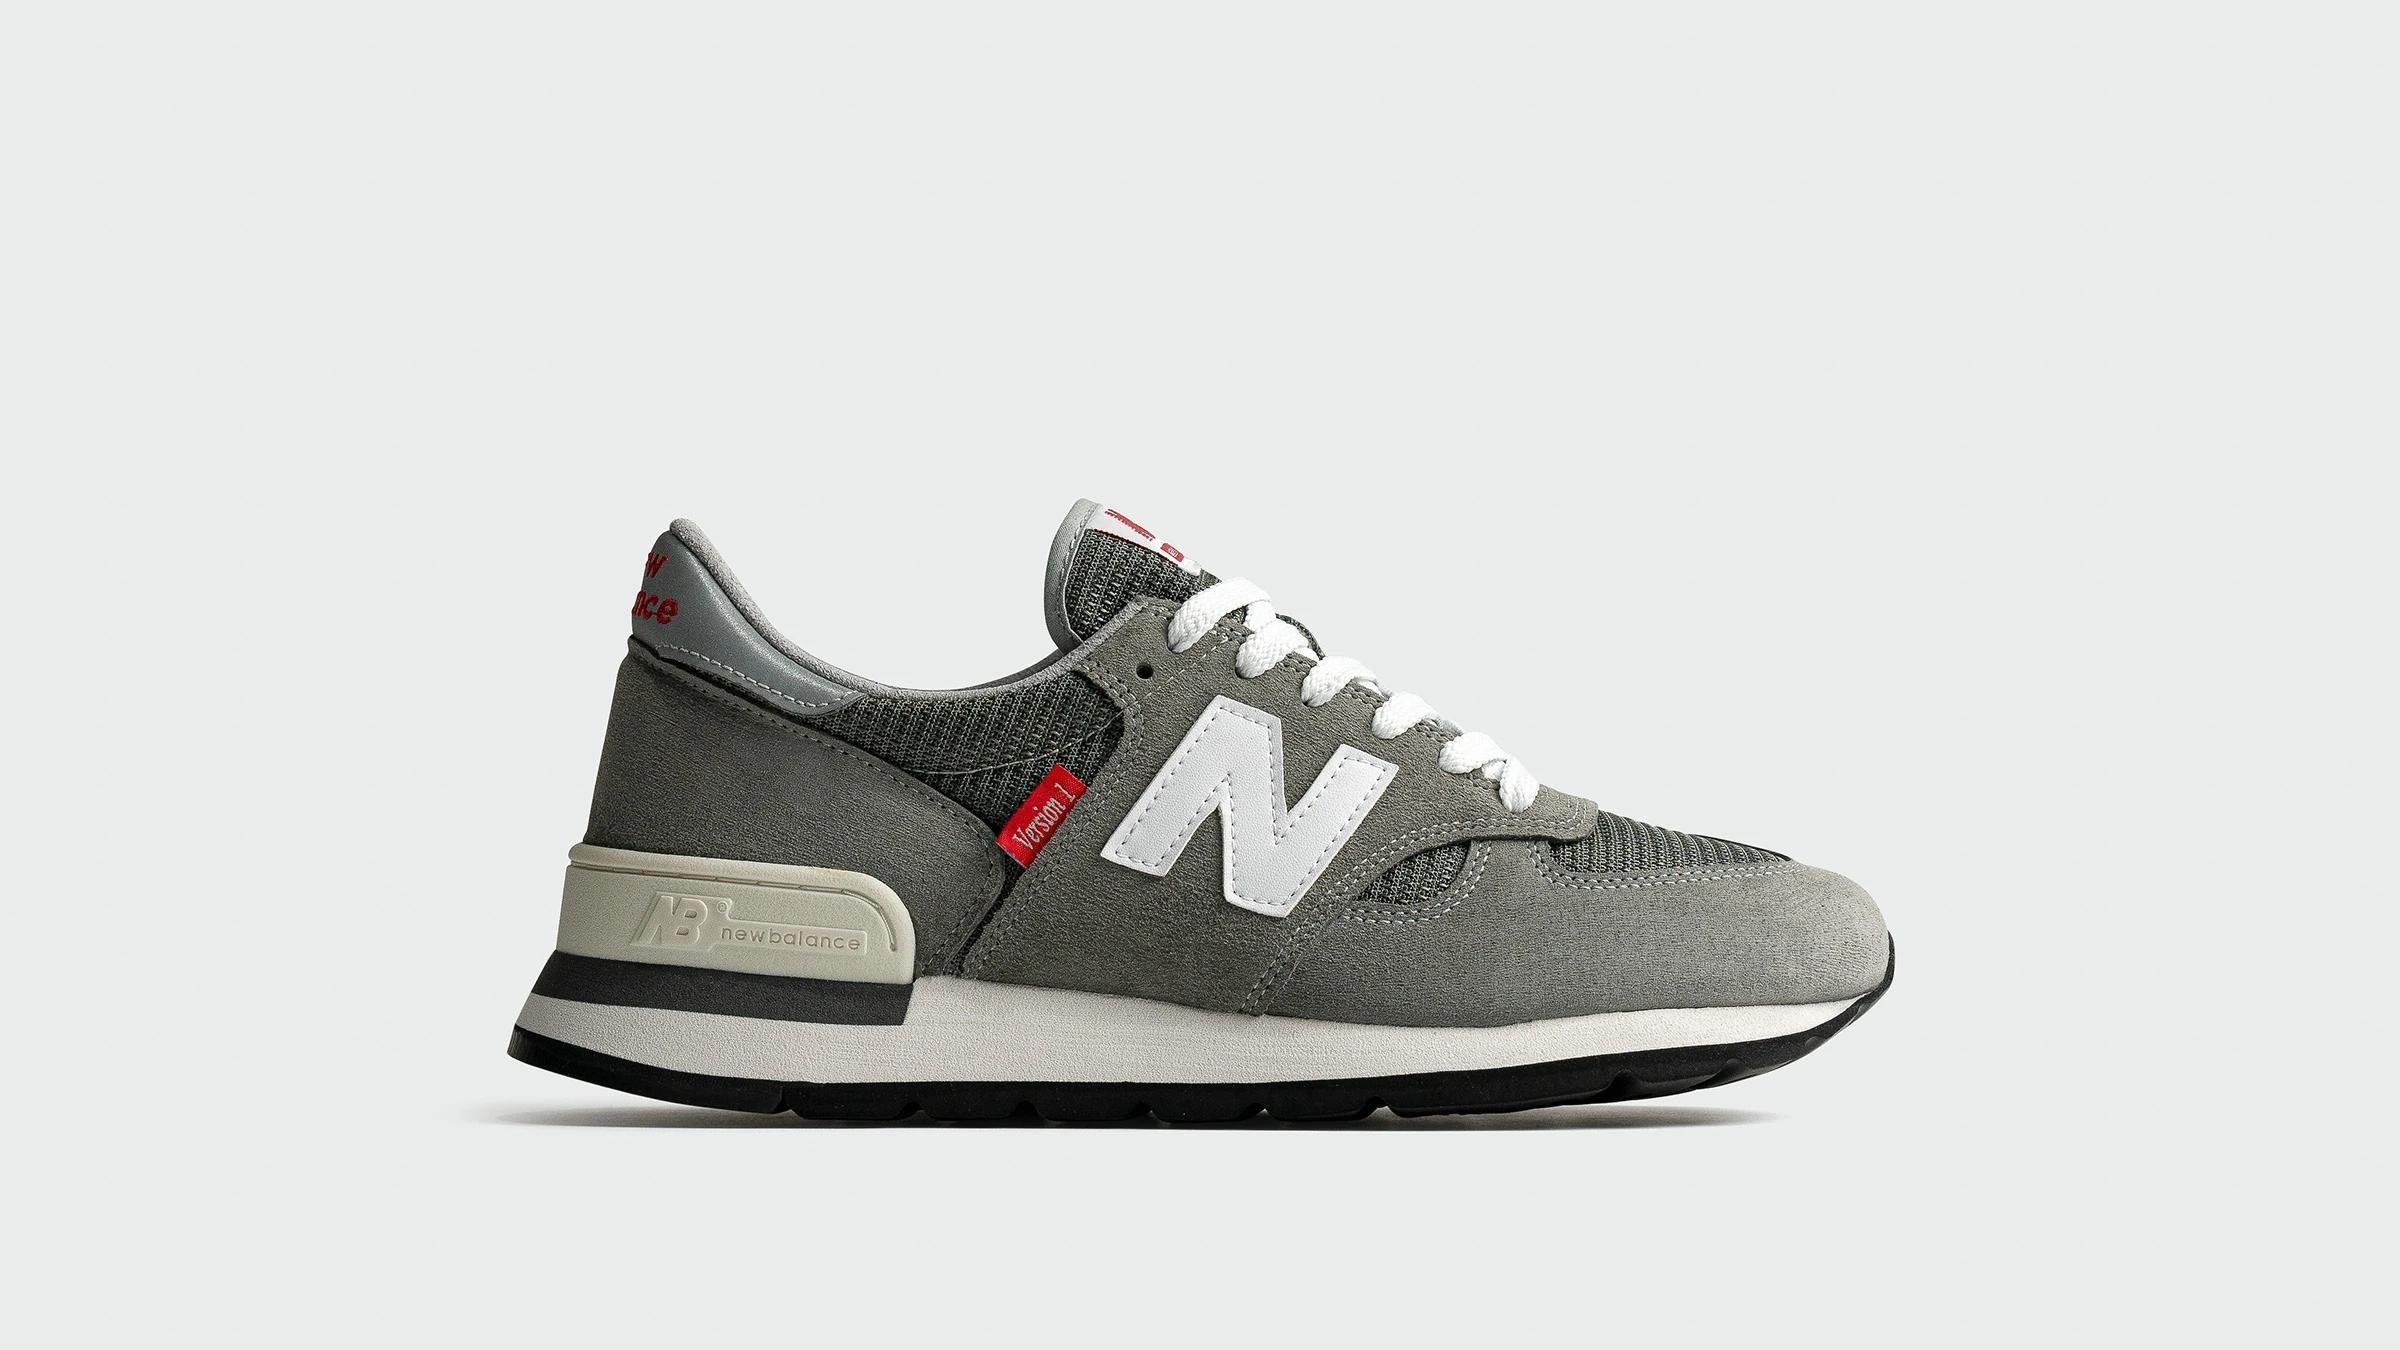 new-balance-990-v1-grey-m990vs14